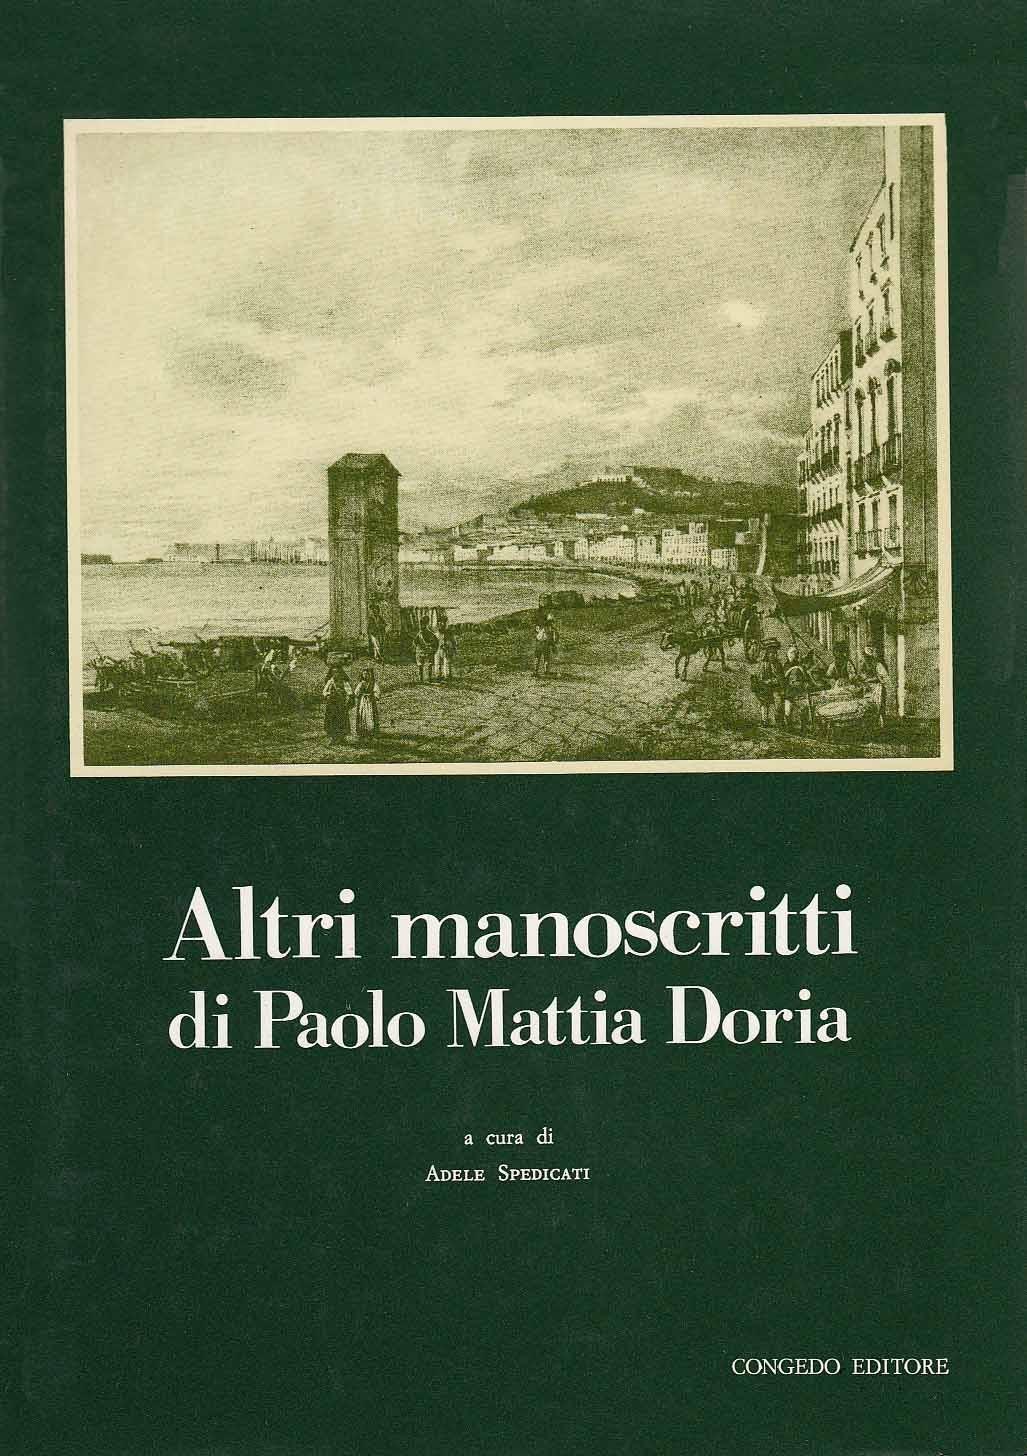 Altri manoscritti di Paolo Mattia Doria